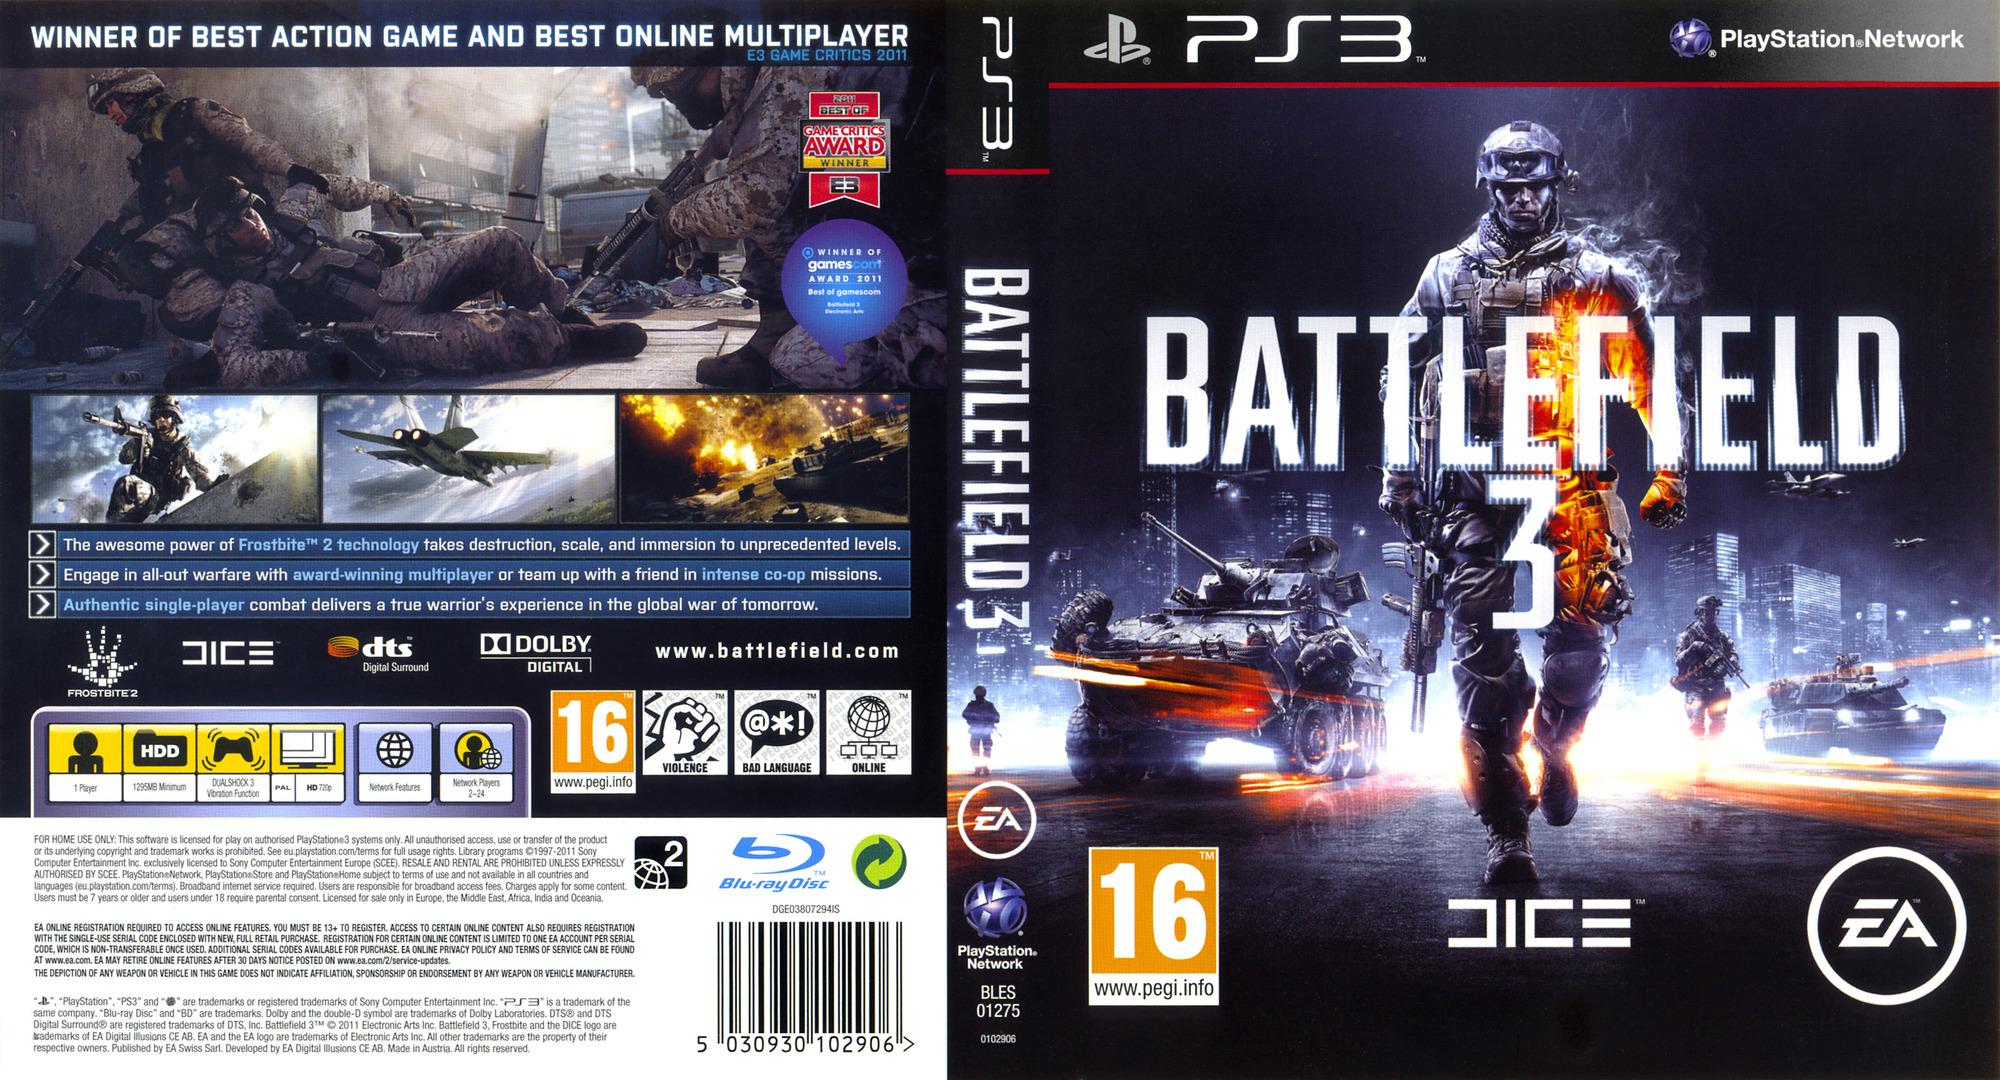 BLES01275 - Battlefield 3